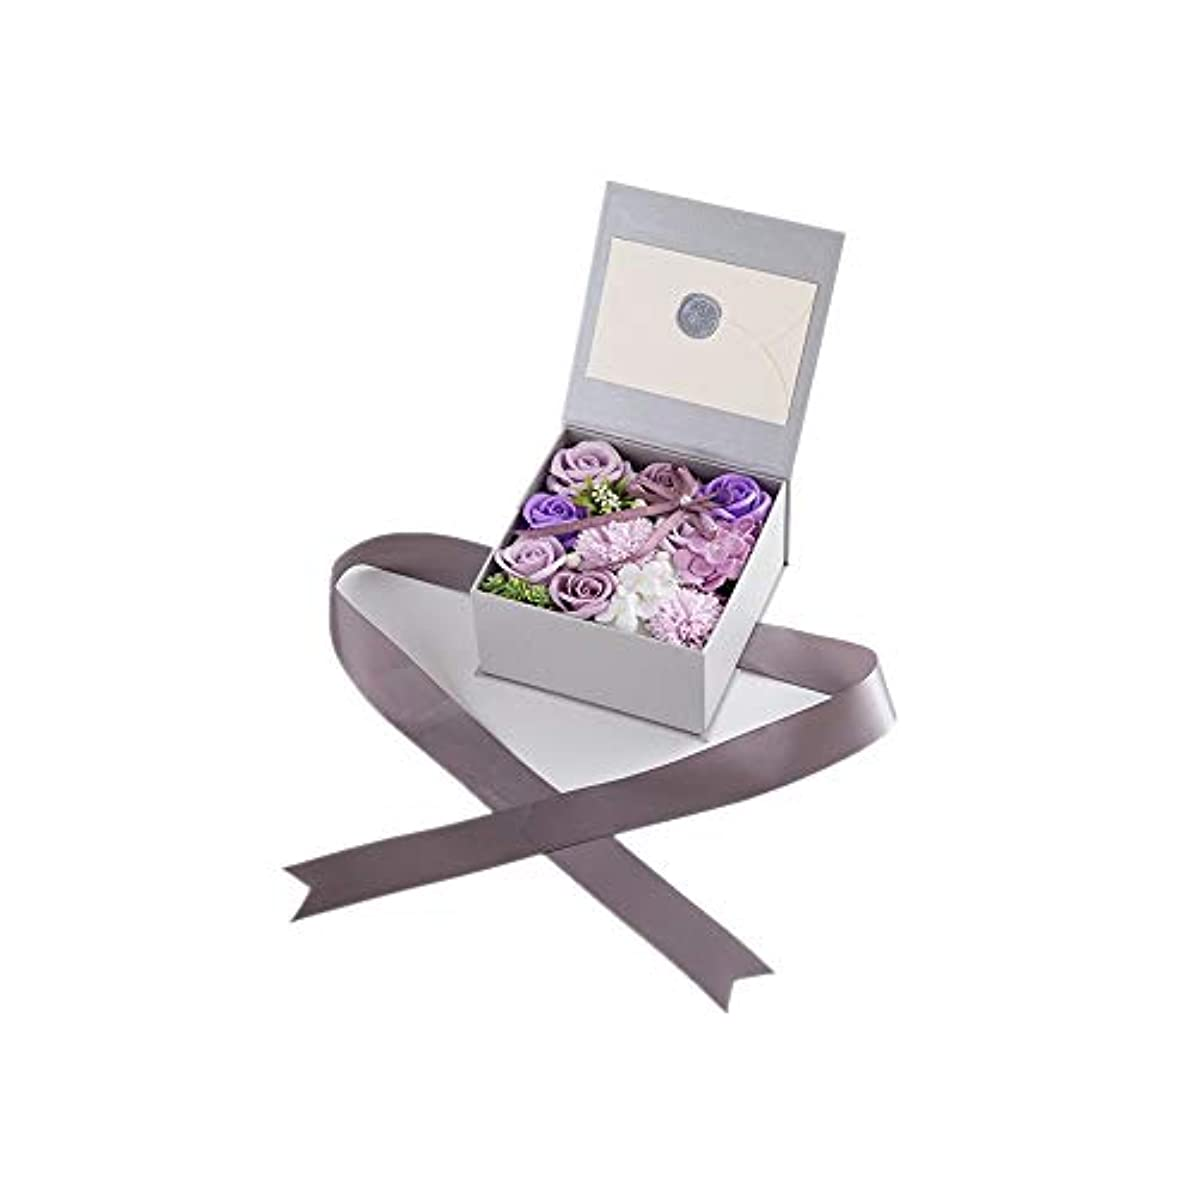 証明書行うストライド生地と花石鹸の花 絶妙な梱包フラワーバレンタインデーのための花バラ花束の記念日誕生日母の日 (色 : Violet)